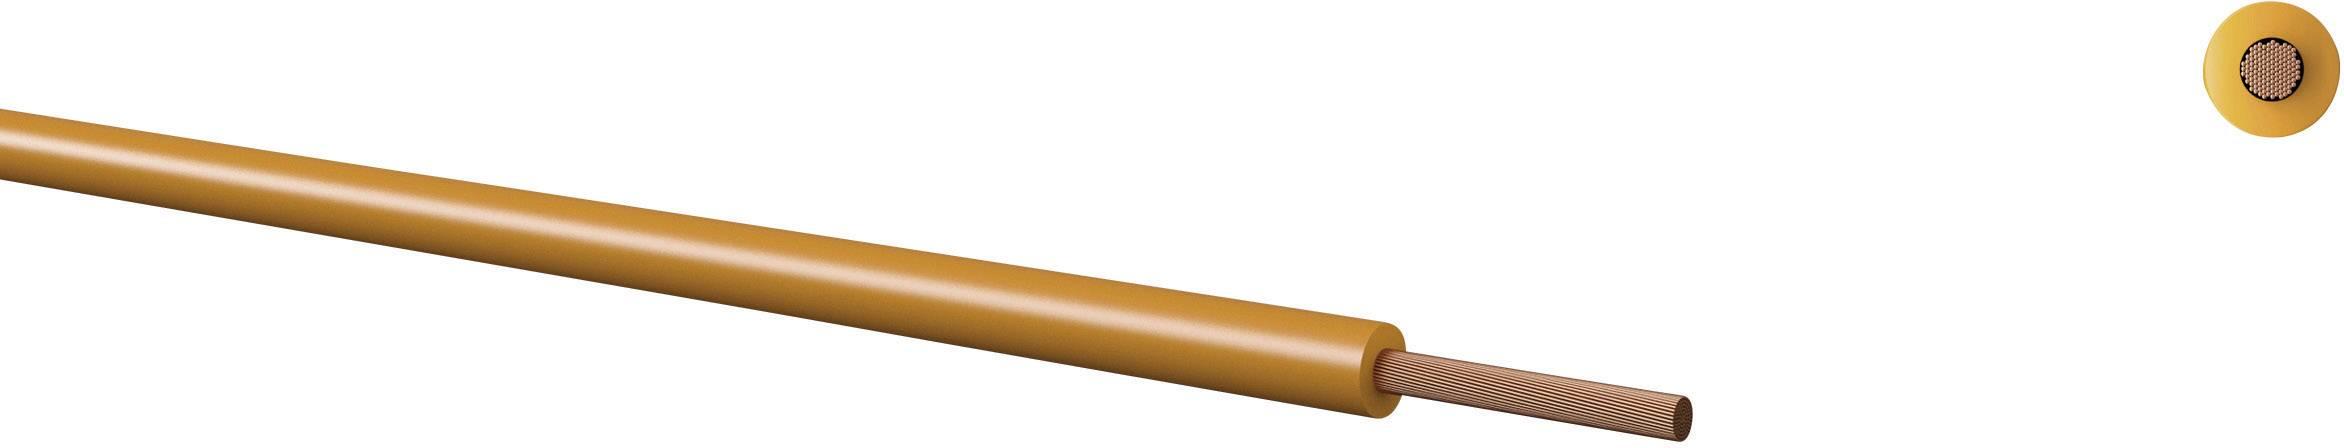 Licna Kabeltronik LiFY 160110003, 1x 1 mm², PVC, Ø 2,50 mm, 1 m, zelená